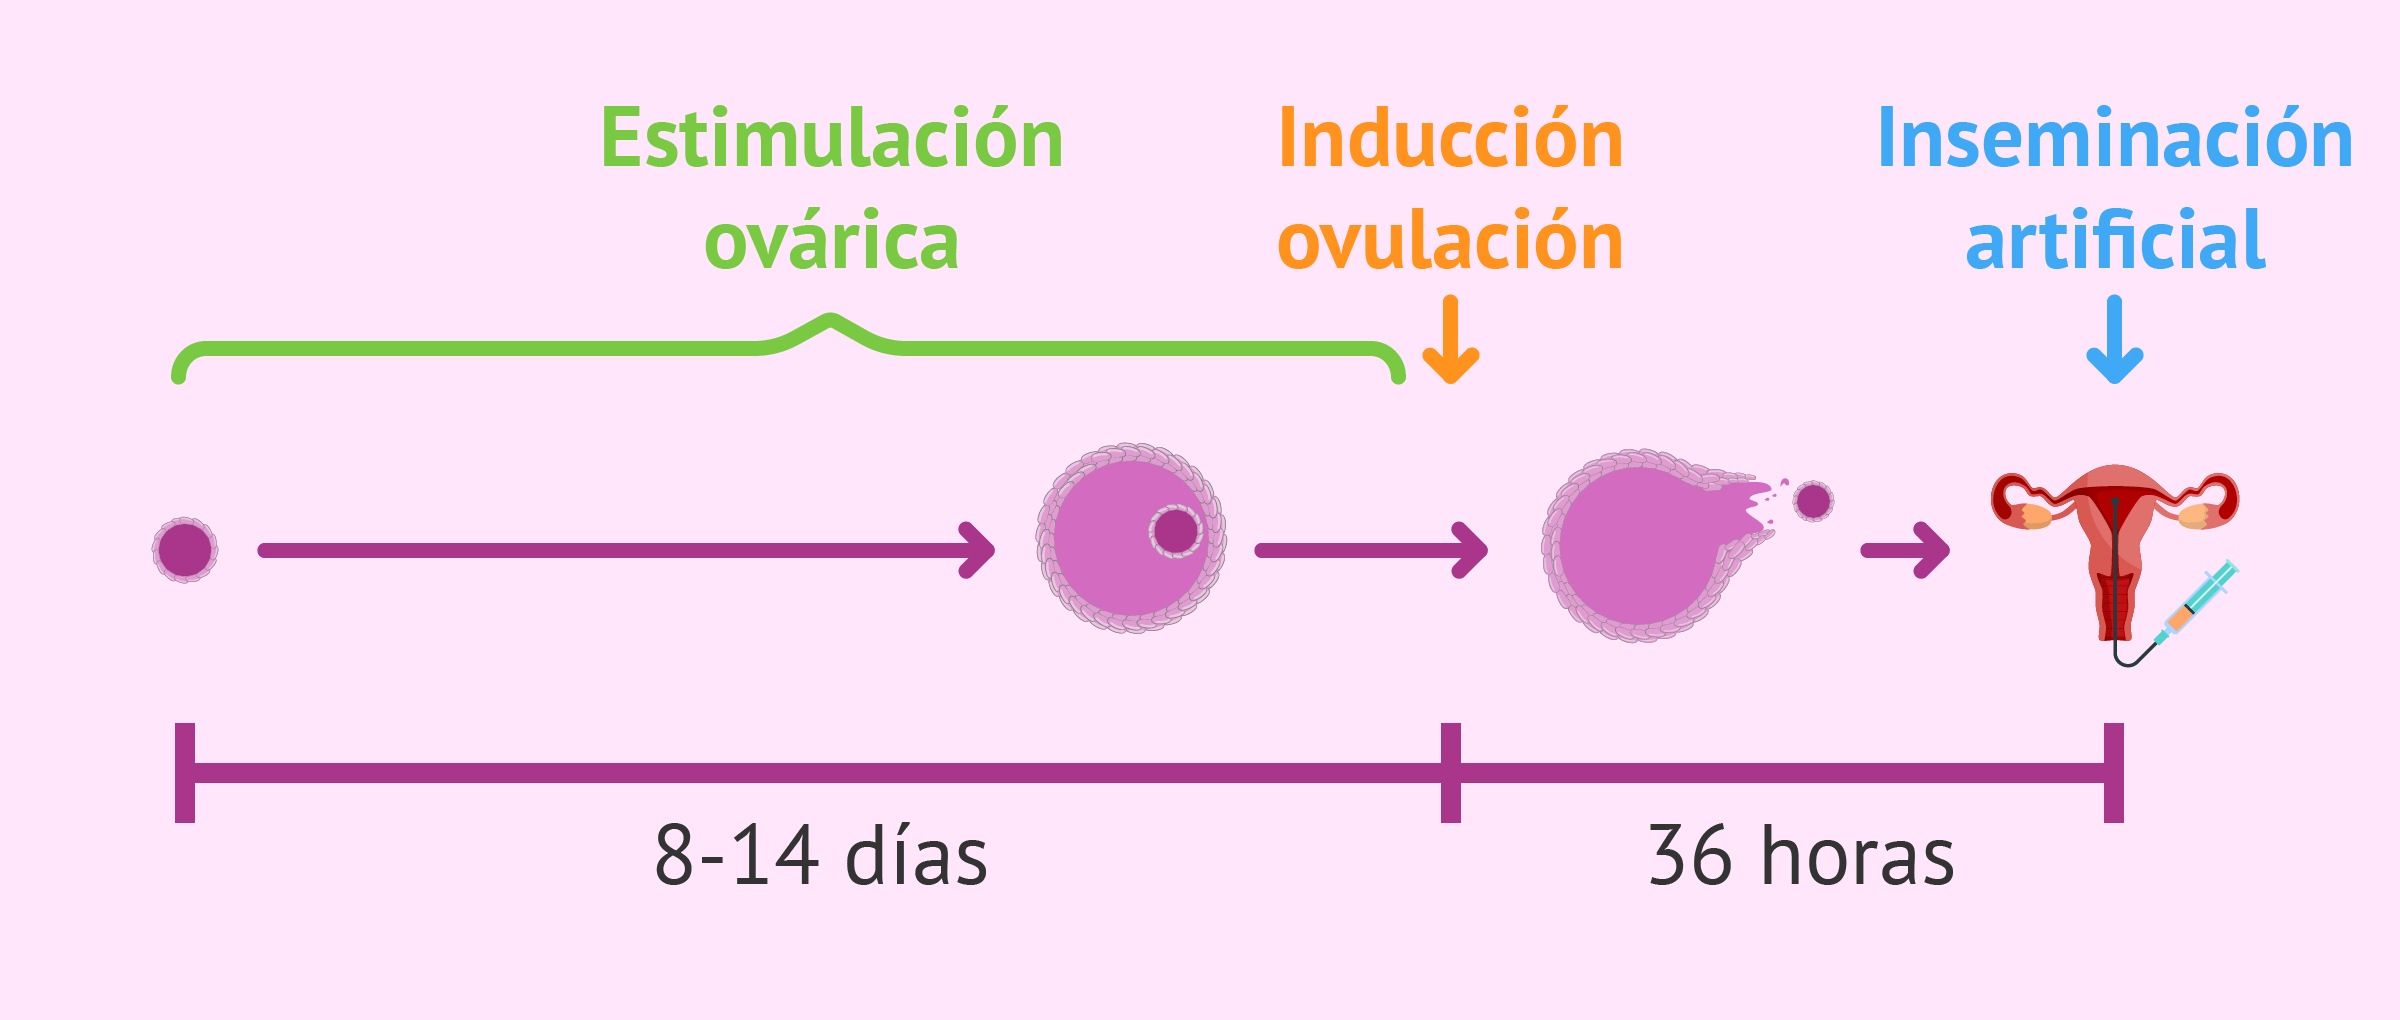 Estimulación ovárica de inseminación artificial